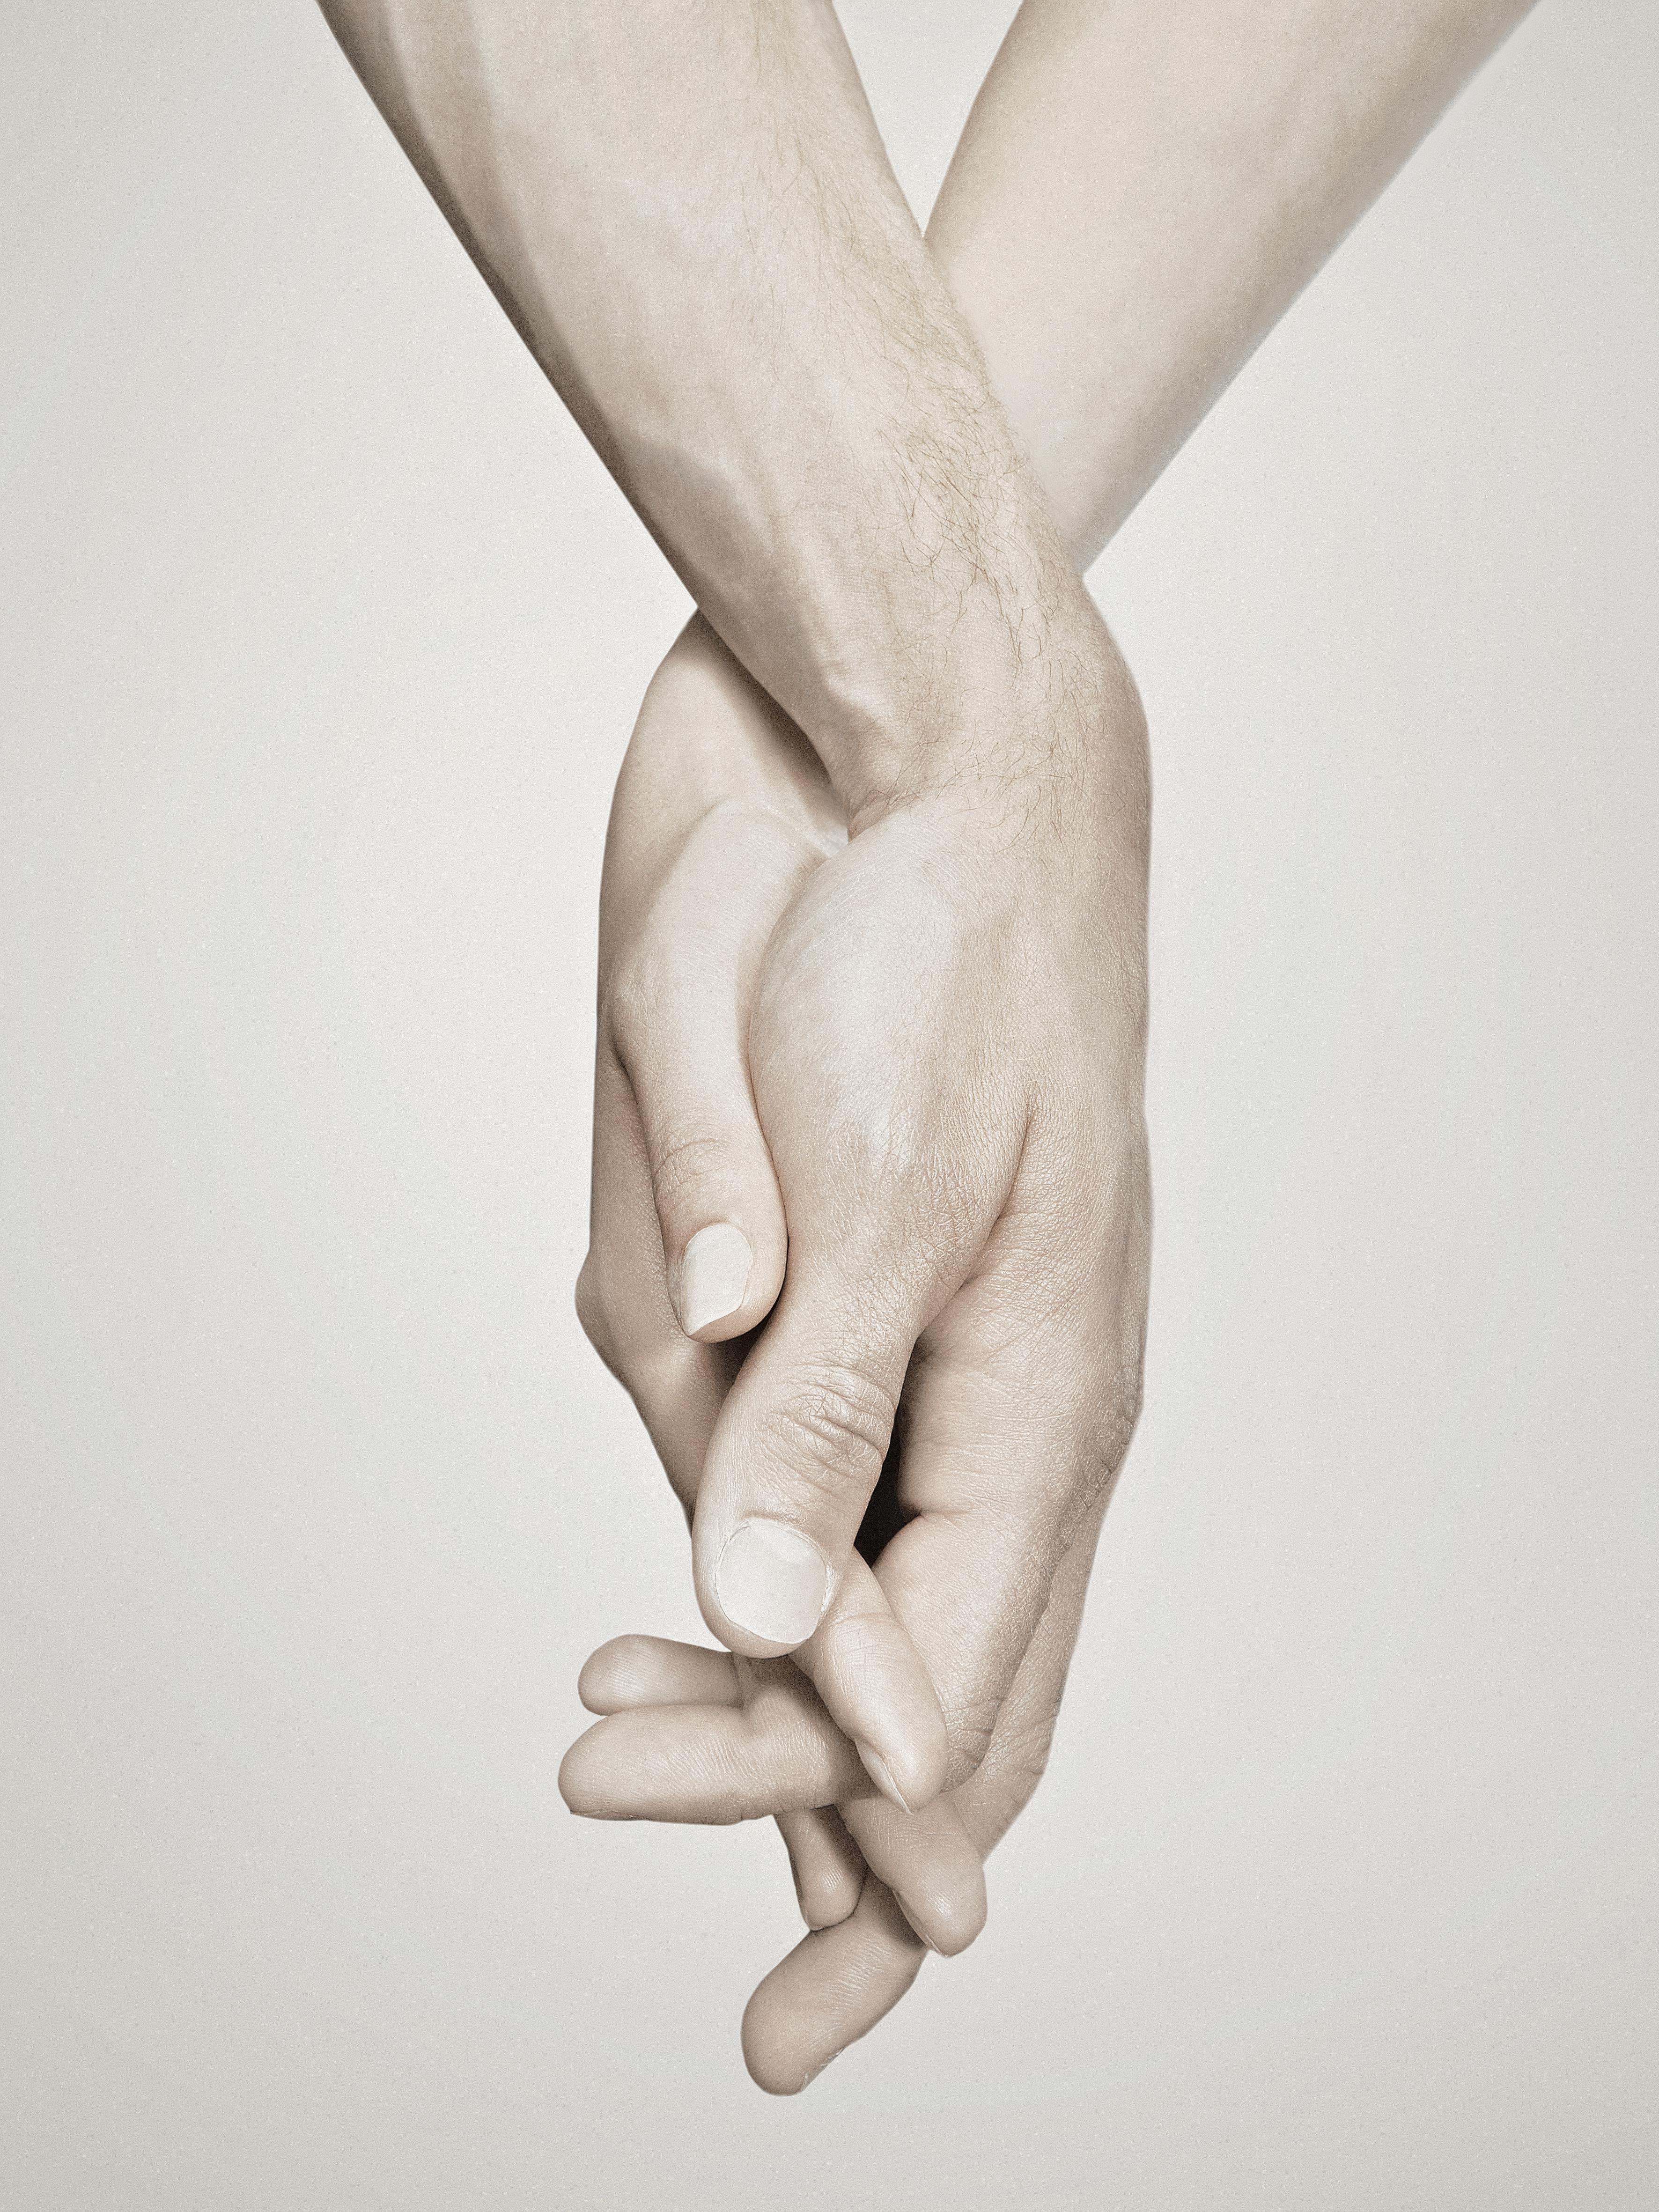 Dating en holding handen